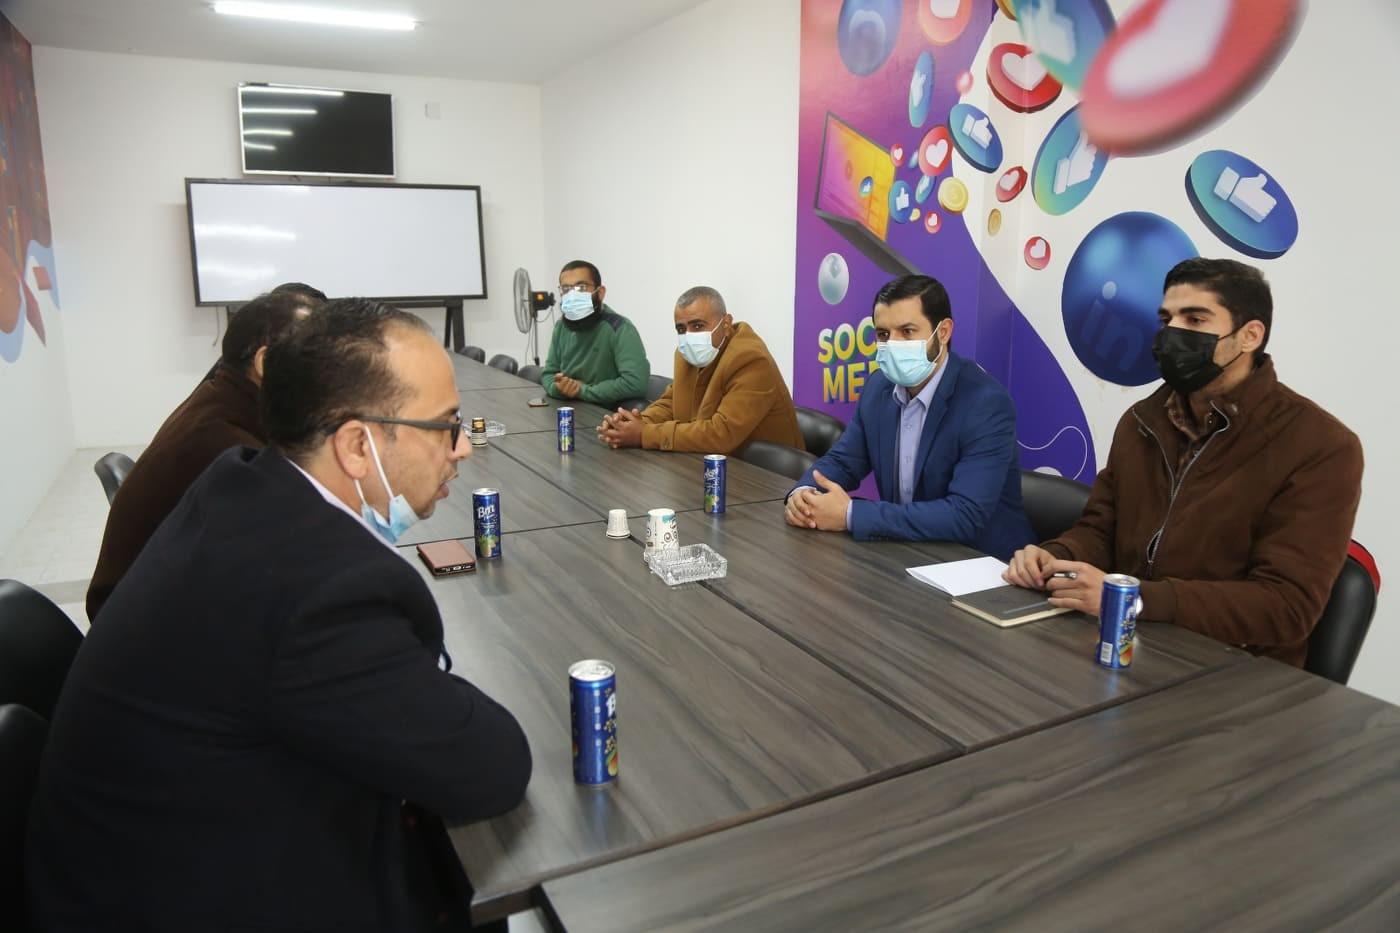 التجمع الاعلامي وفلسطين اليوم.jpg